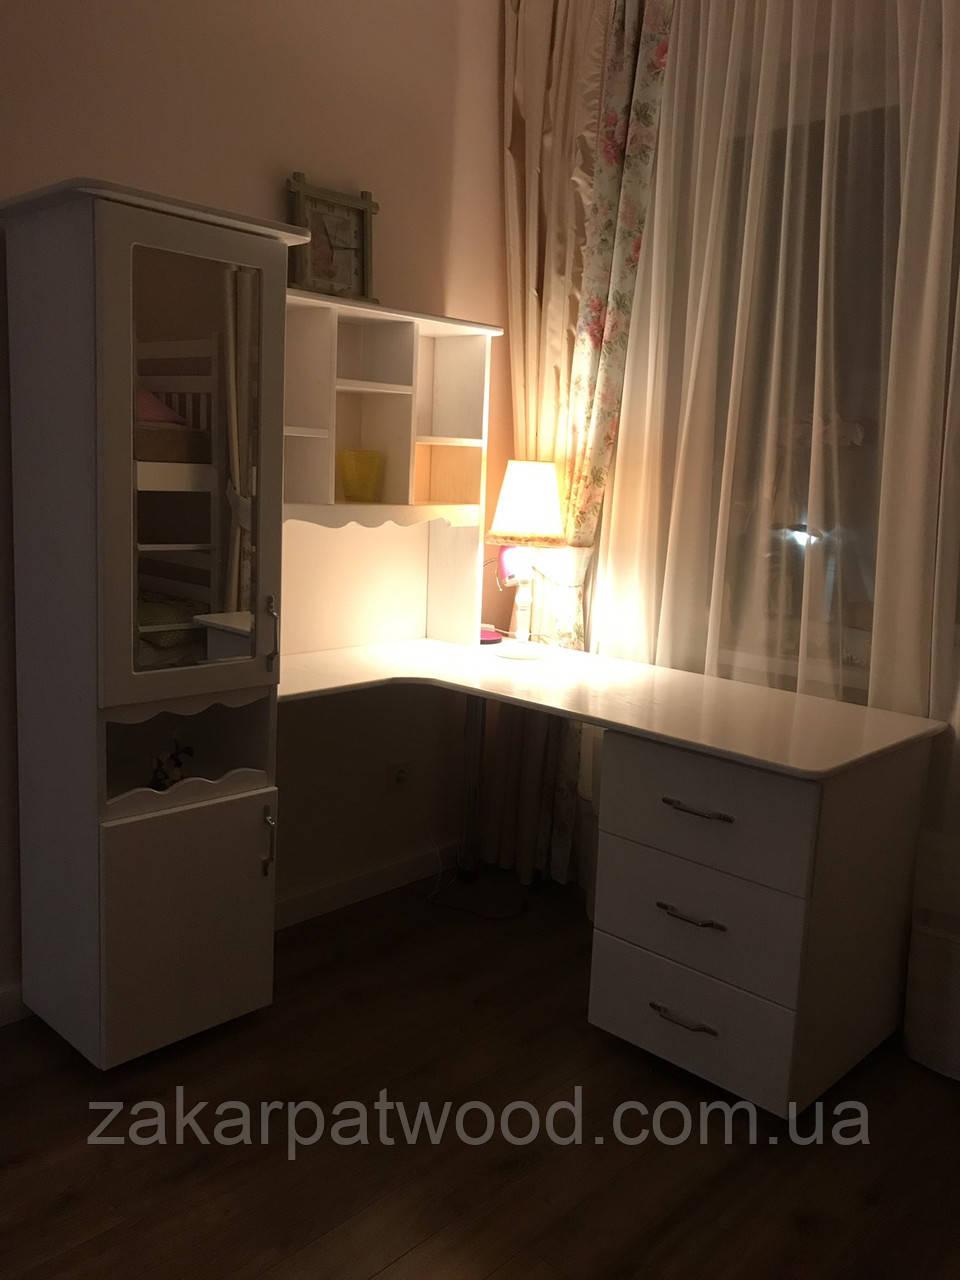 Меблі в кімнату масив дуба з елементами різьби